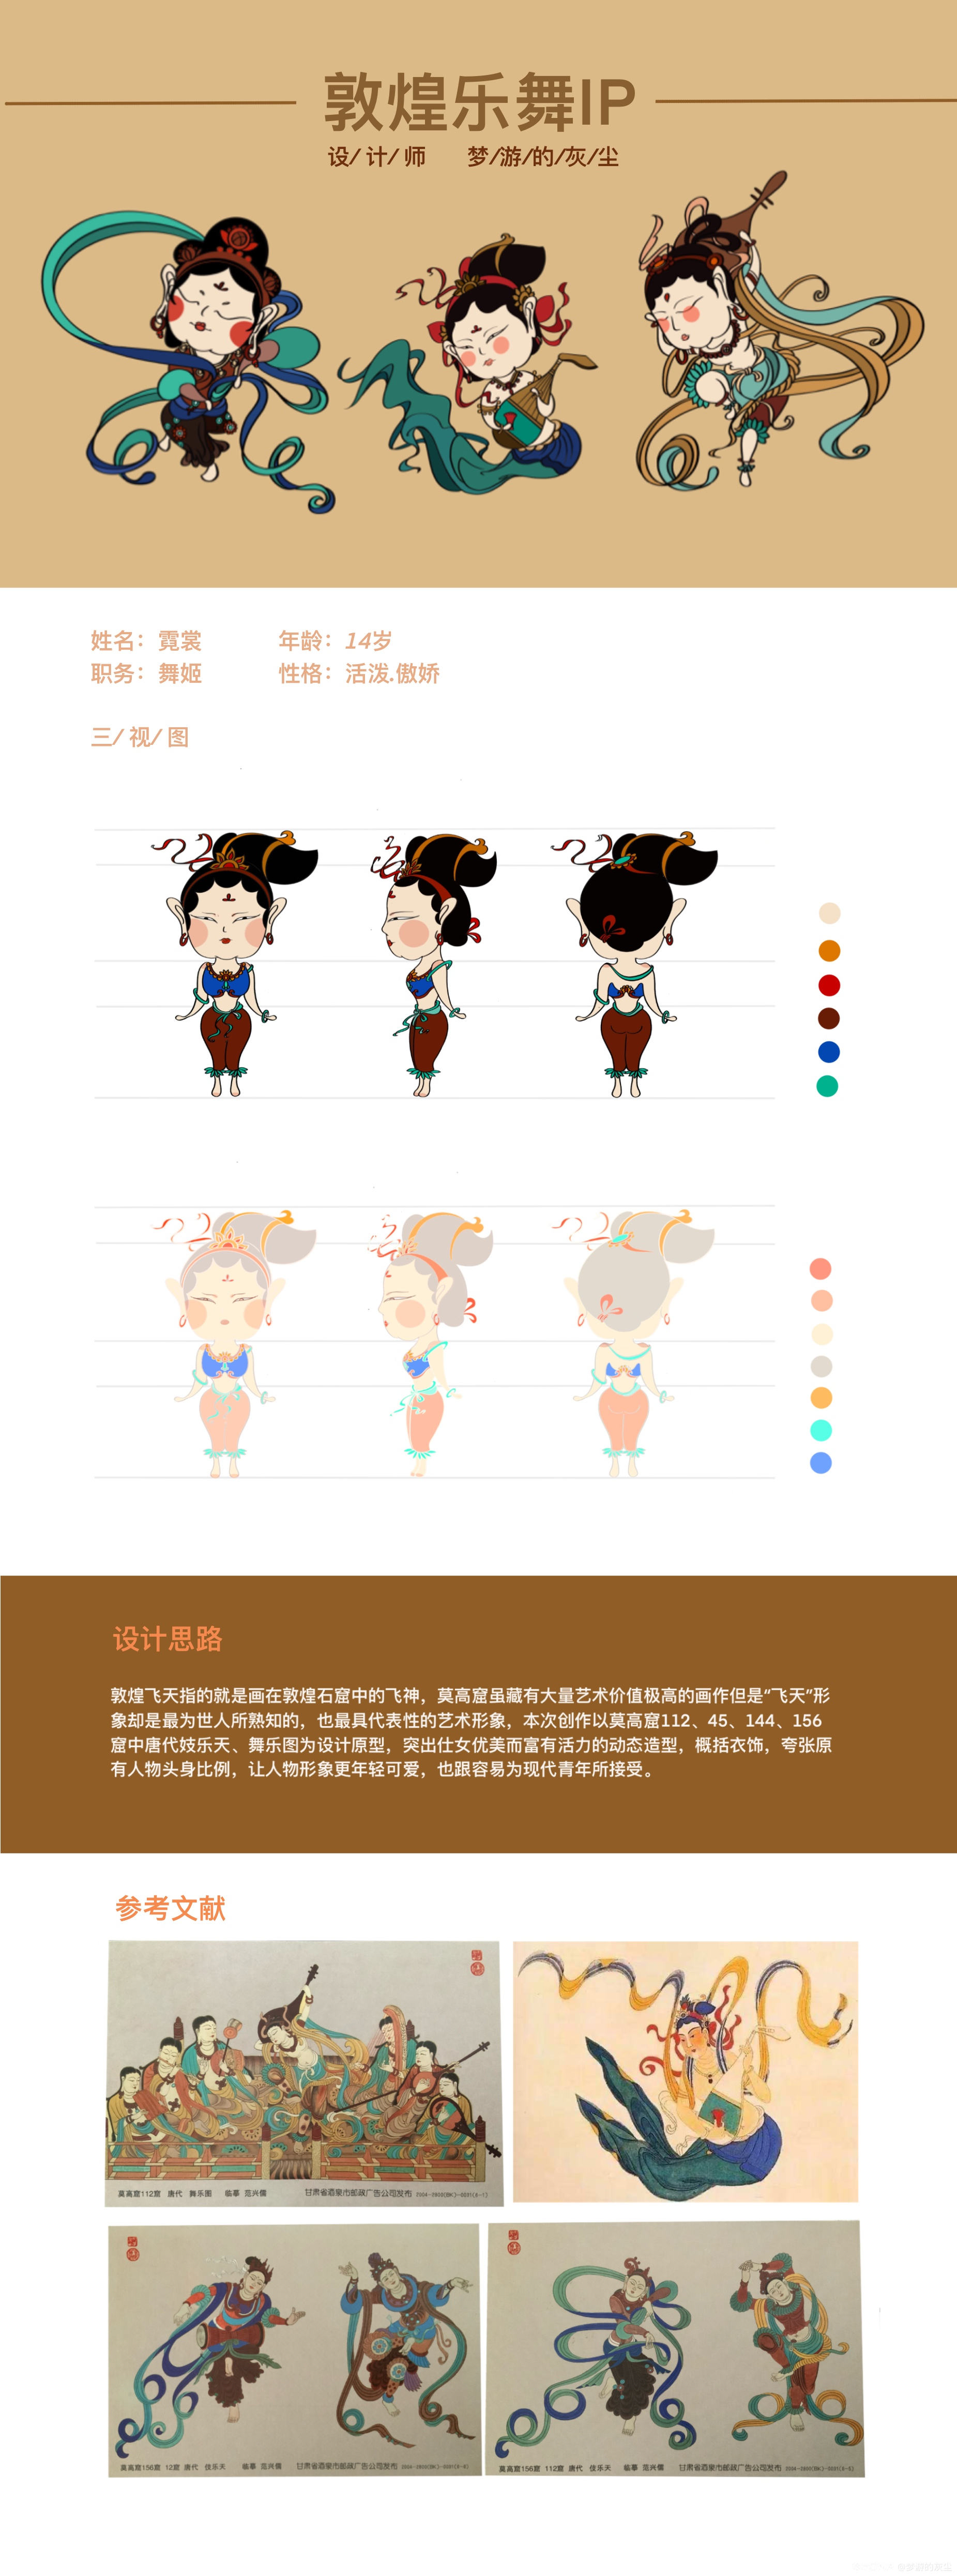 甘肃省旅游形象IP设计--- 霓裳羽衣 图1